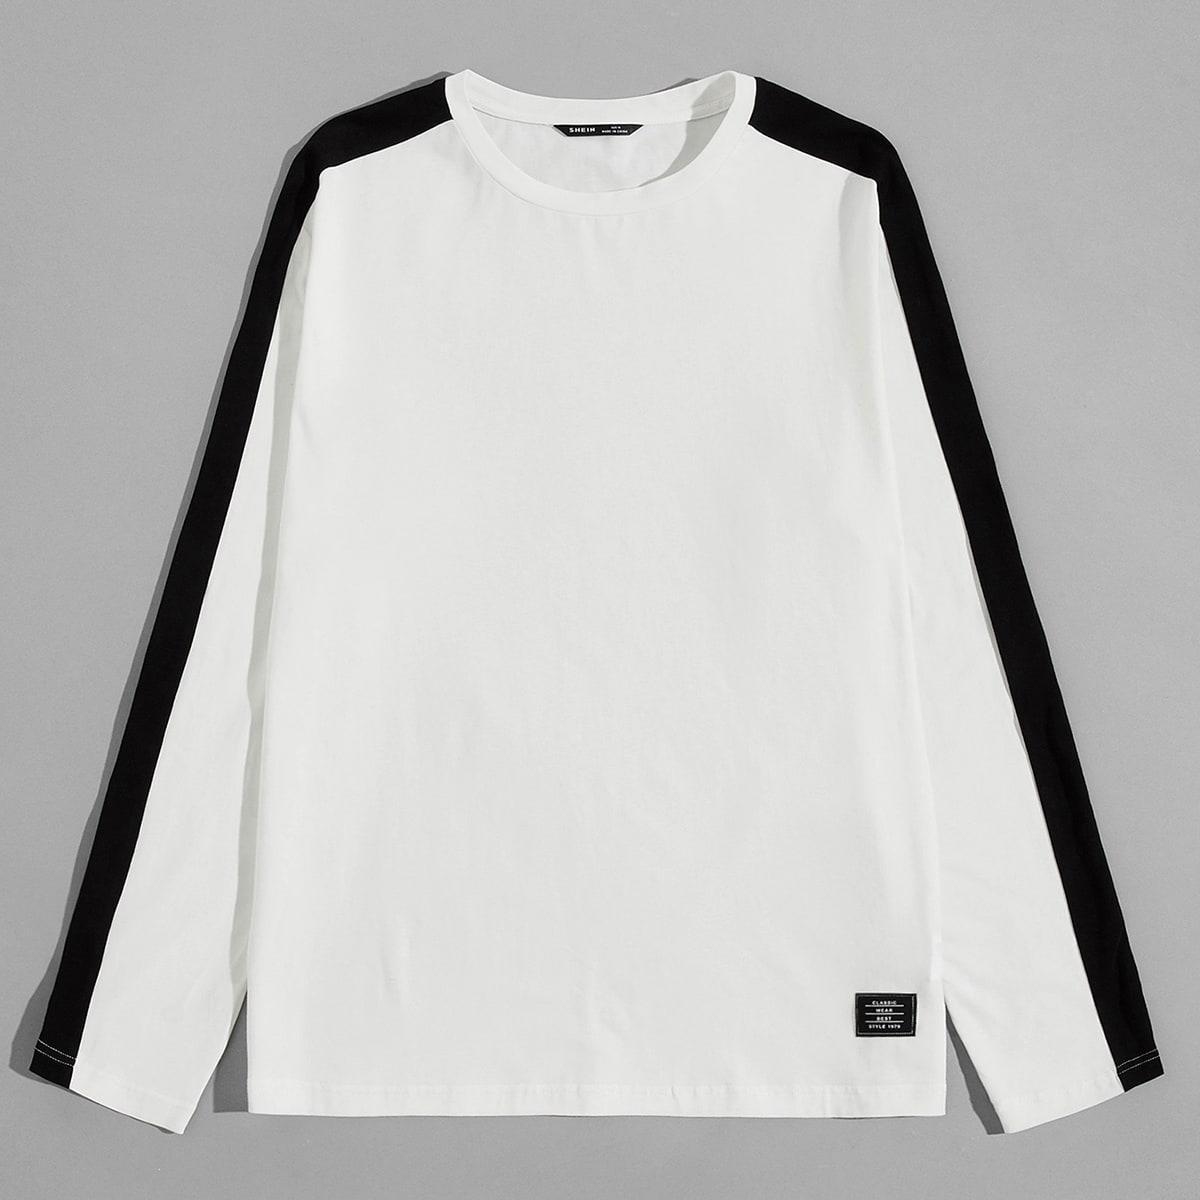 Аппликация текст институтский мужские футболки